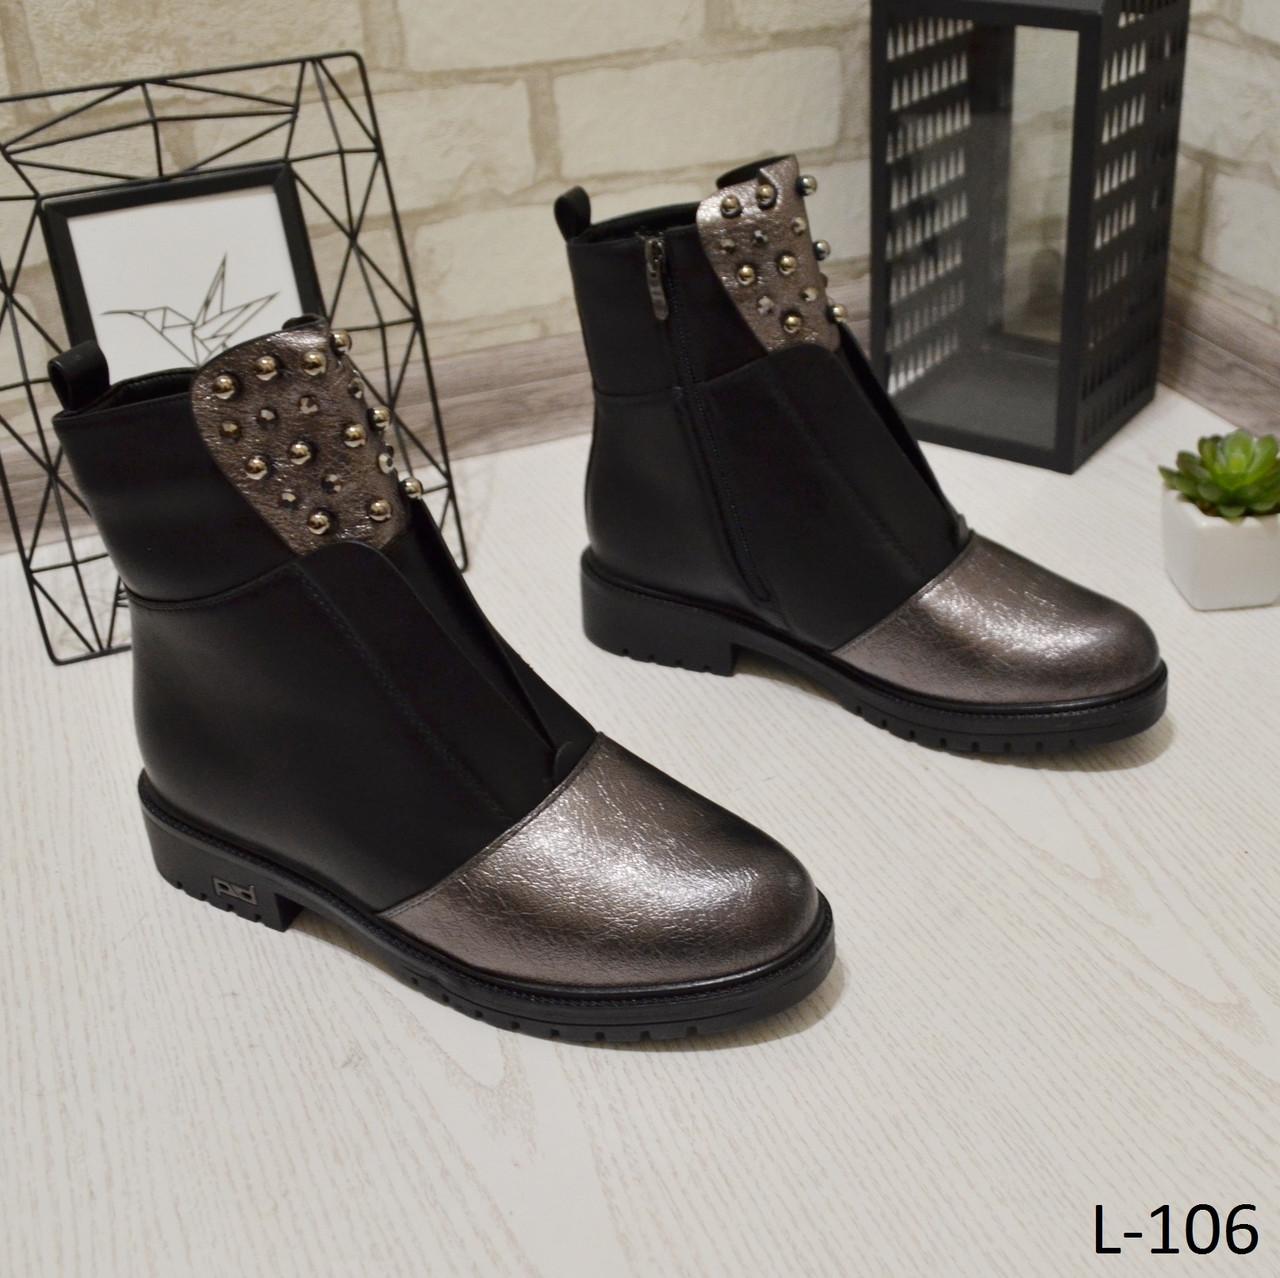 9eb1eb1e2 Ботинки женские зима, черные+бронза, камни, стильные, женская зимняя обувь